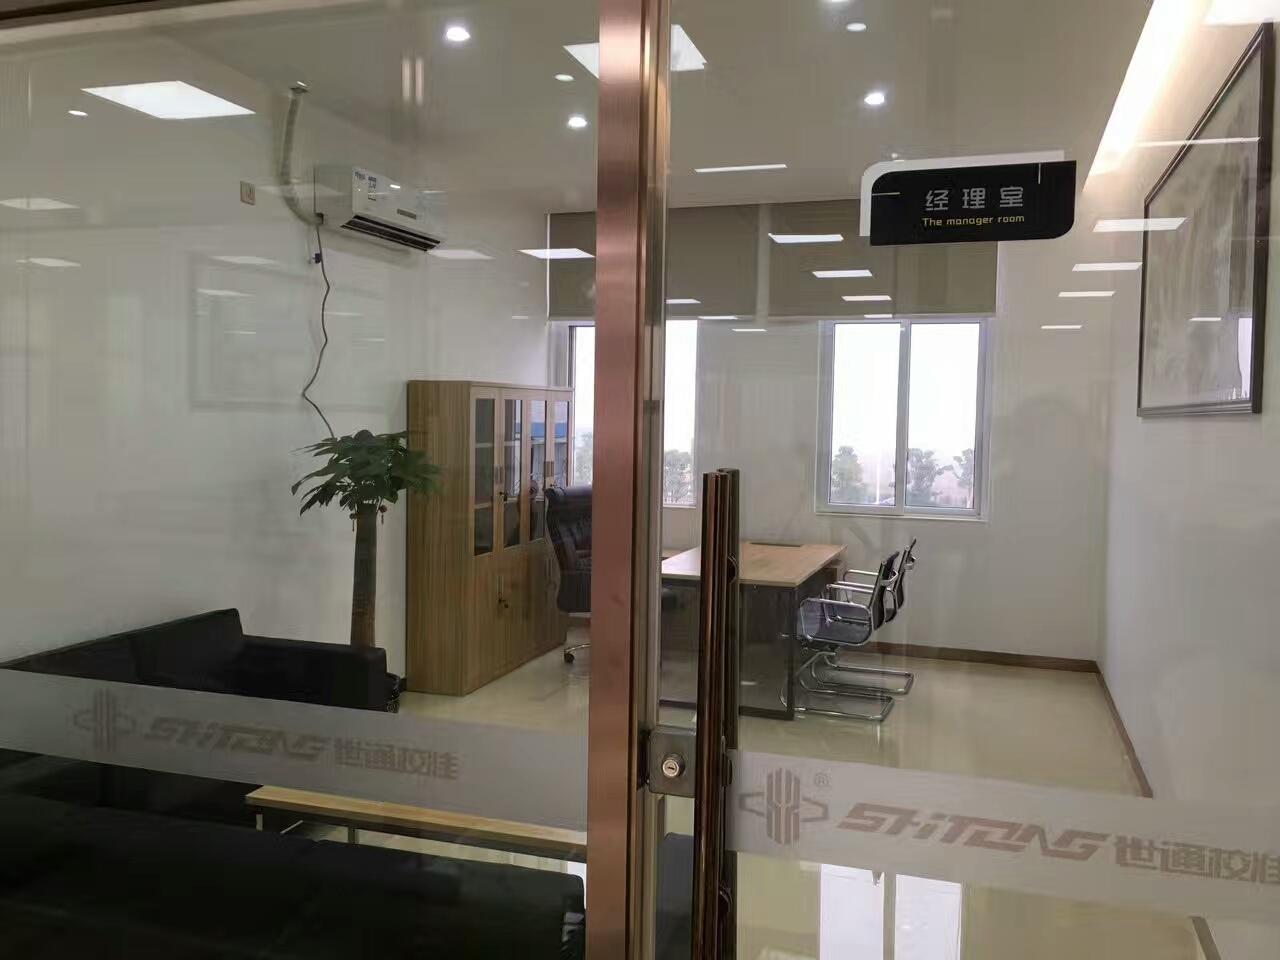 龍子湖區儀器計量檢具校驗制 設備送檢外校機構